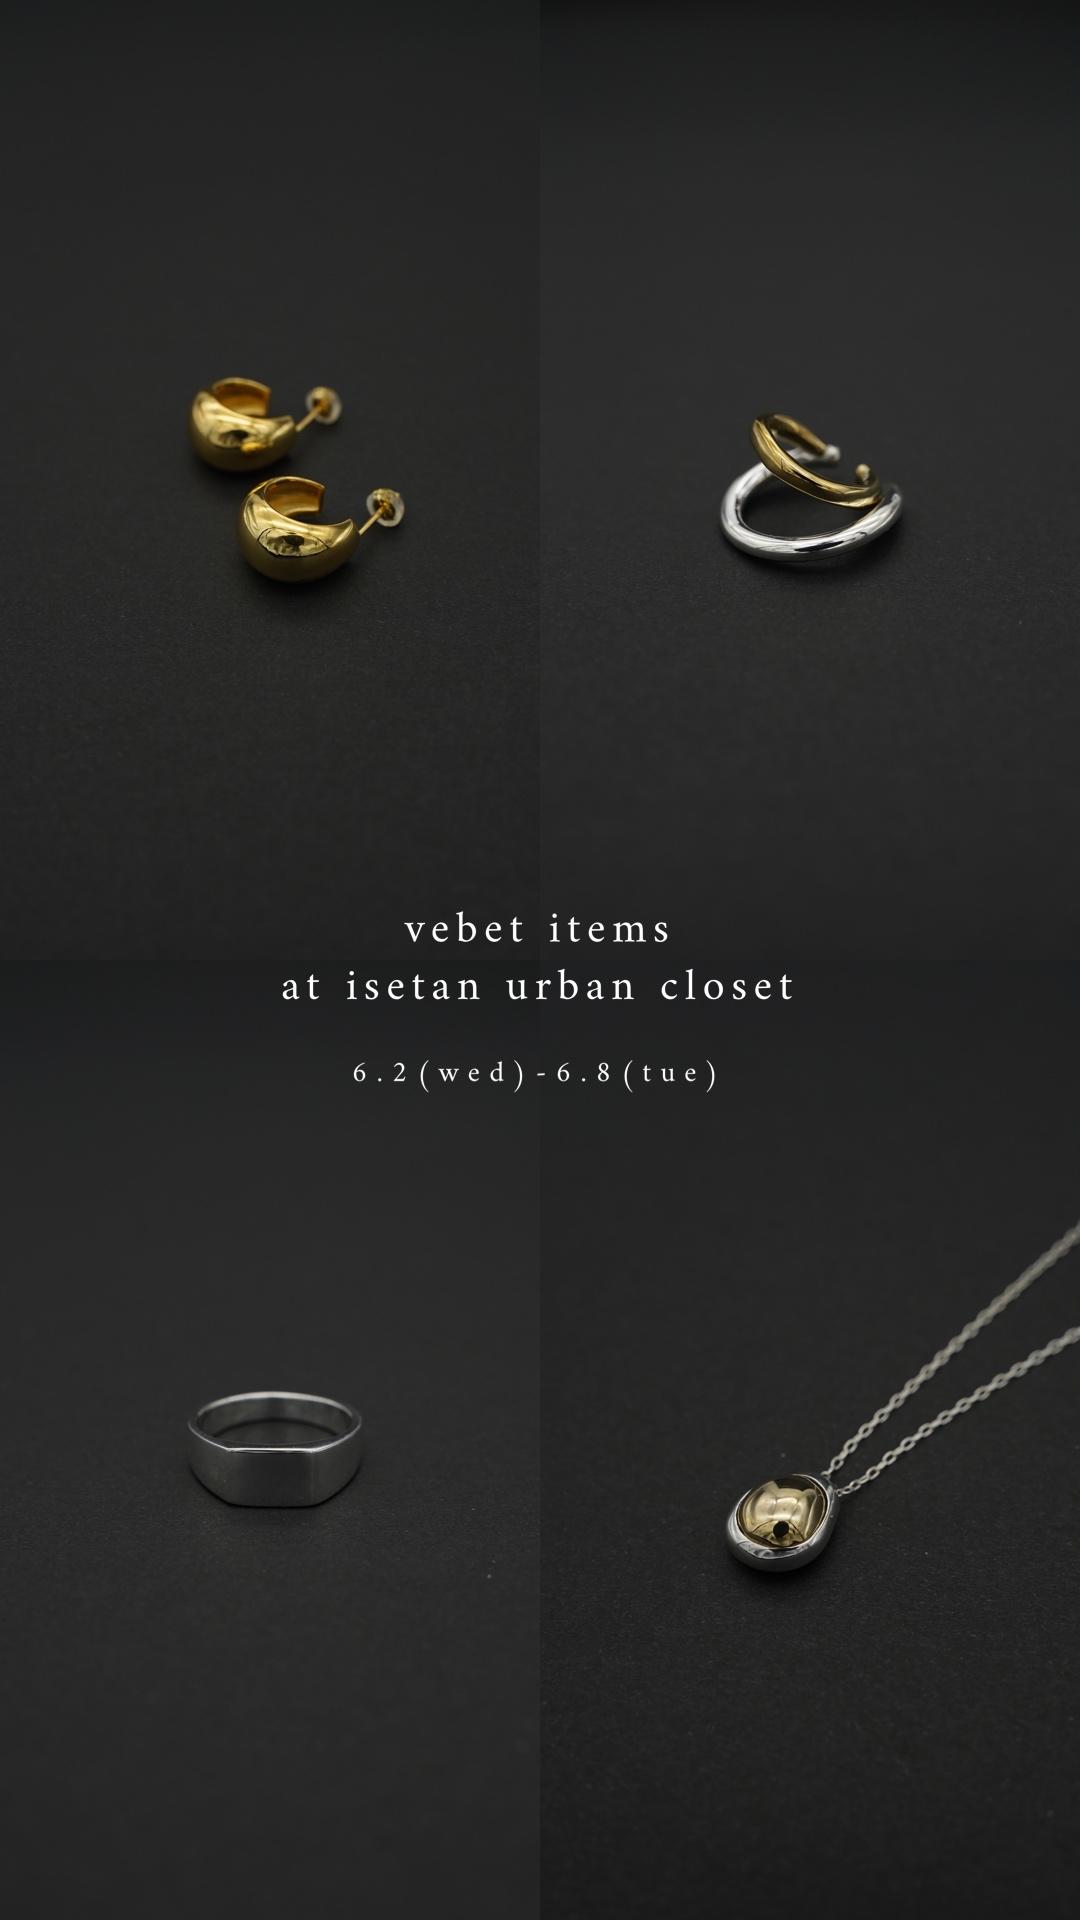 イベントお知らせ:vebet items at ISETAN urban closet